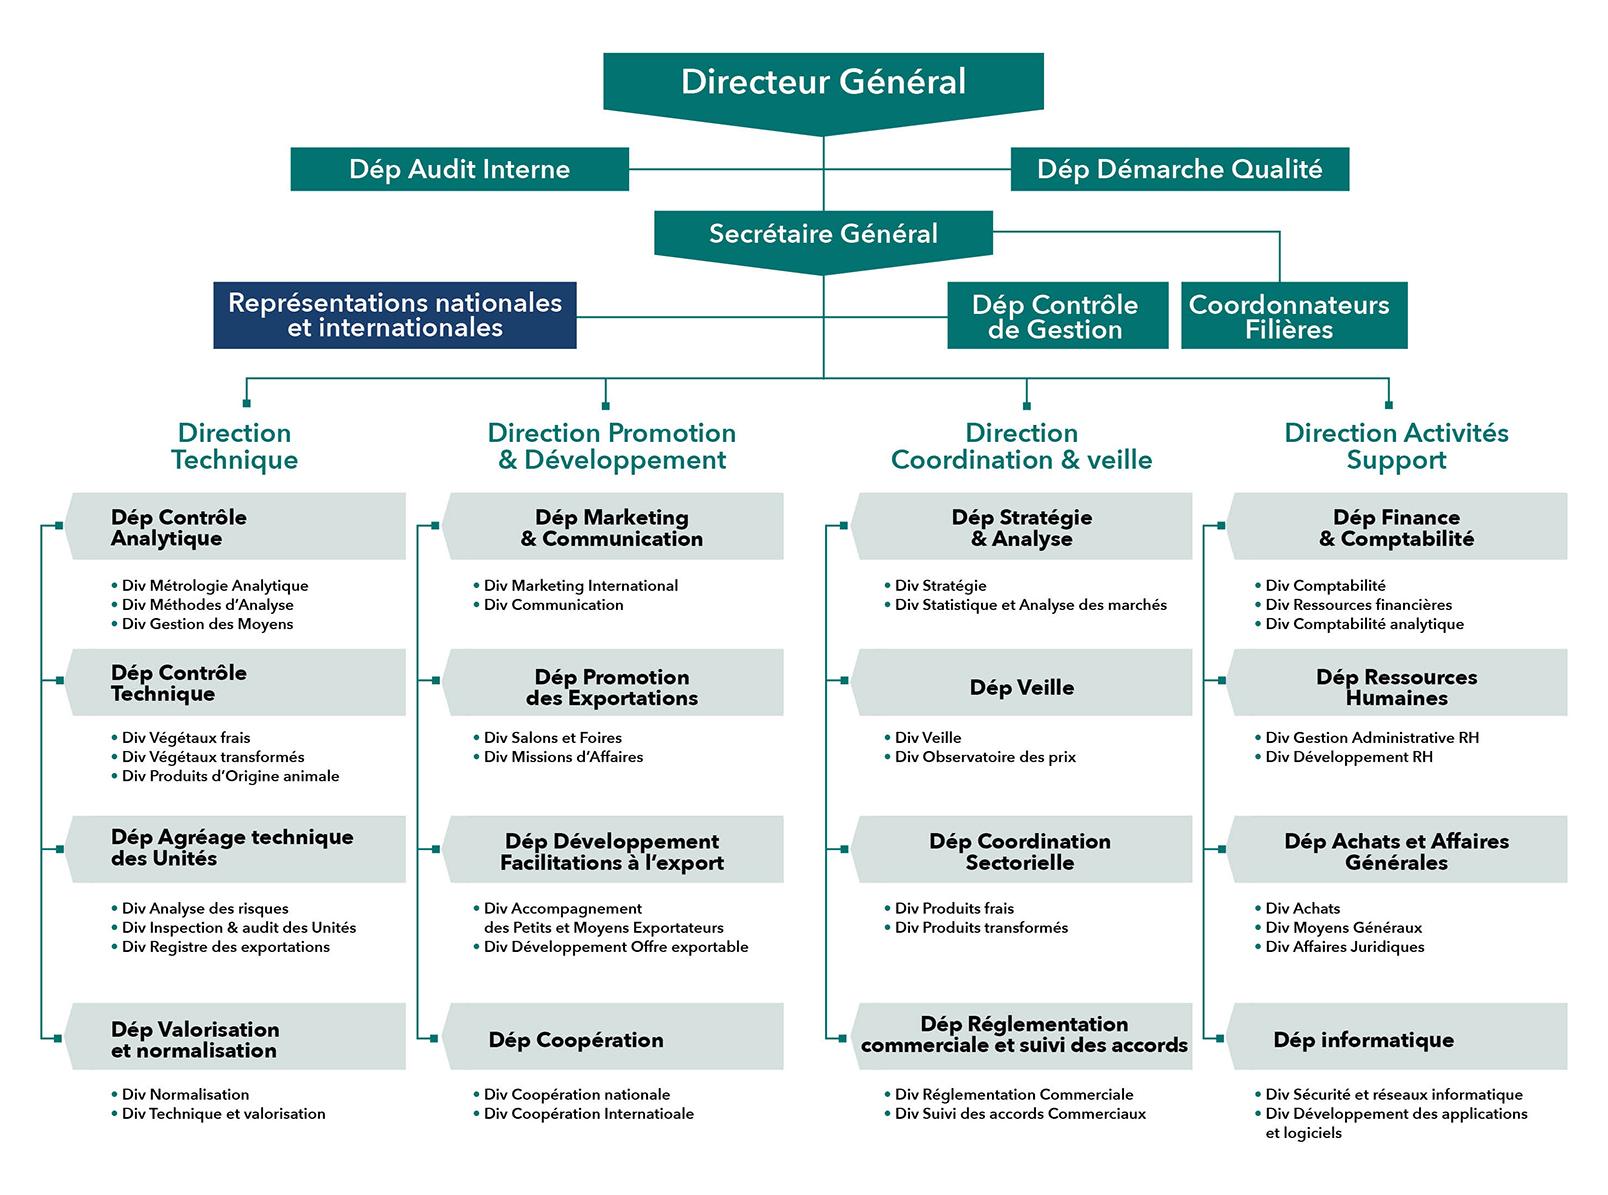 MOROCCOFOODEX organization chart